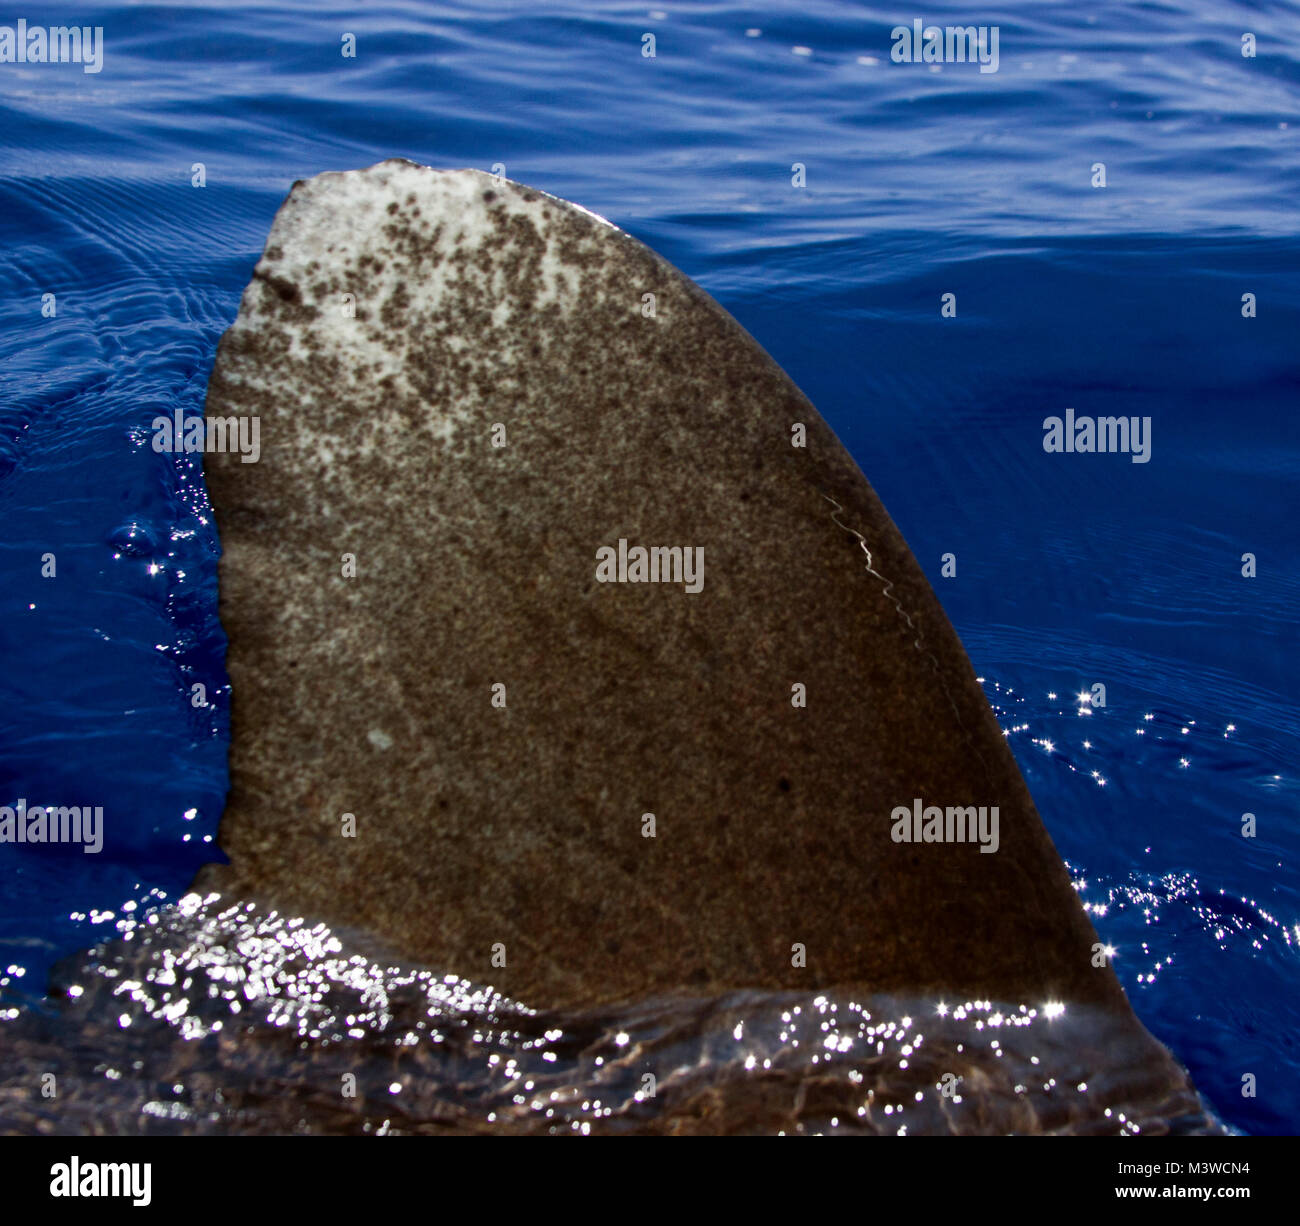 Un distintivo del tiburón oceánico de punta de aleta rompe la superficie junto a la embarcación. Foto de stock